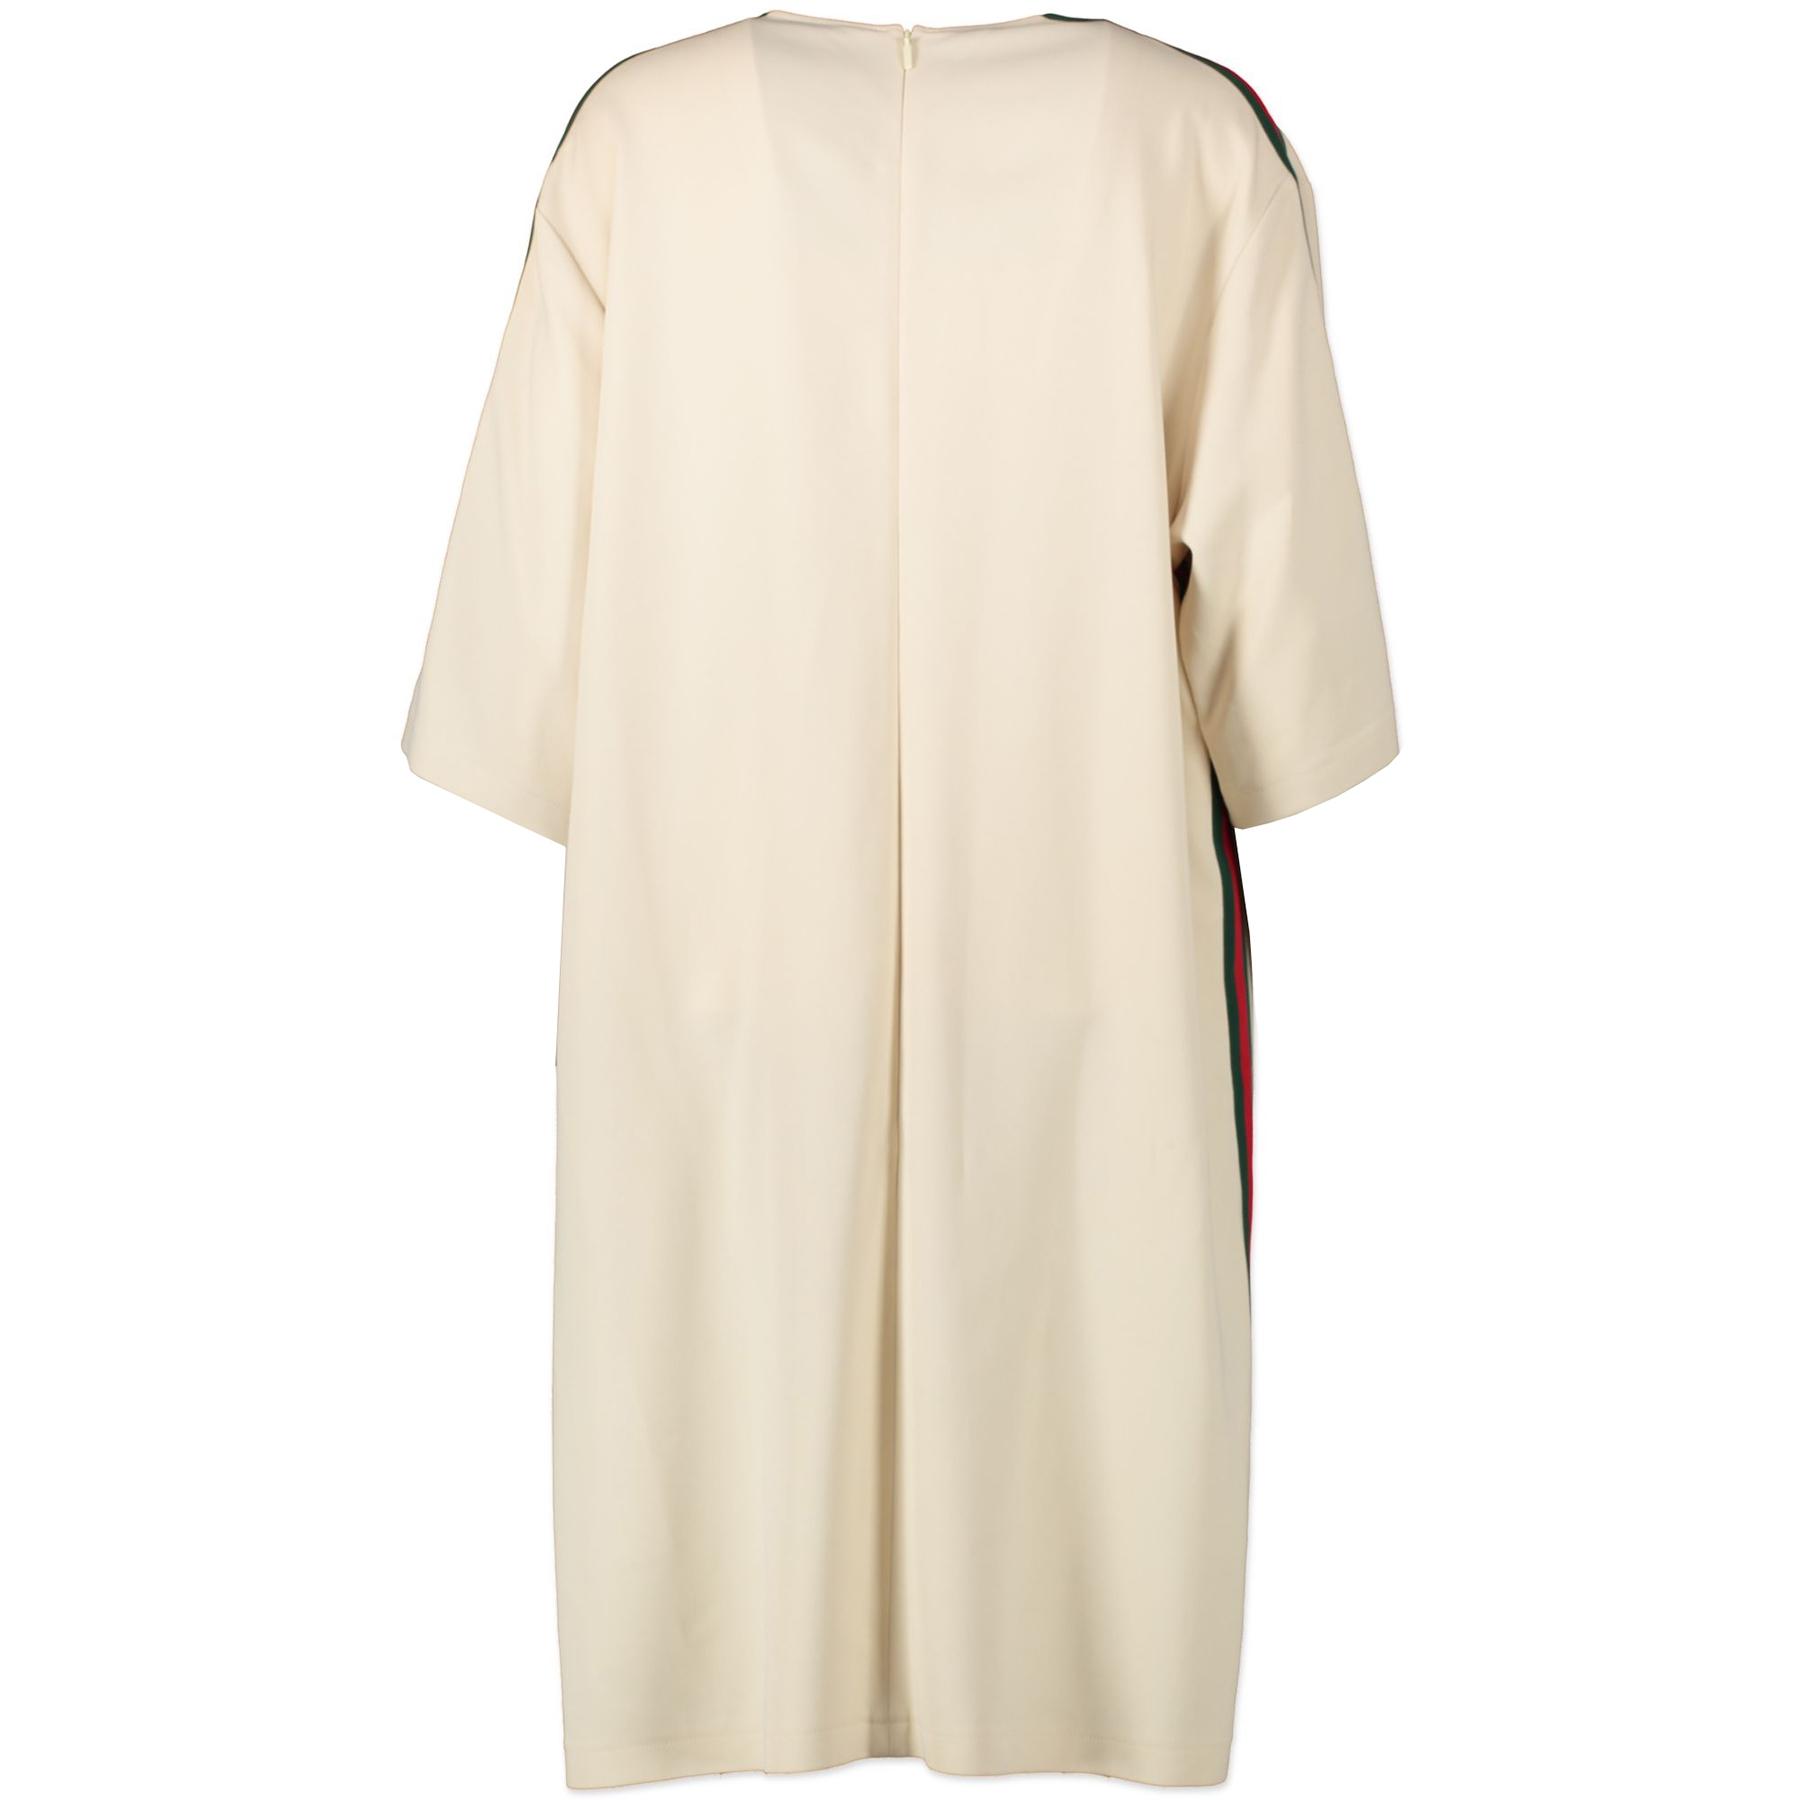 Gucci Cream Web 3/4 Sleeve Dress - size IT48 - kopen en verkopen aan de beste prijs